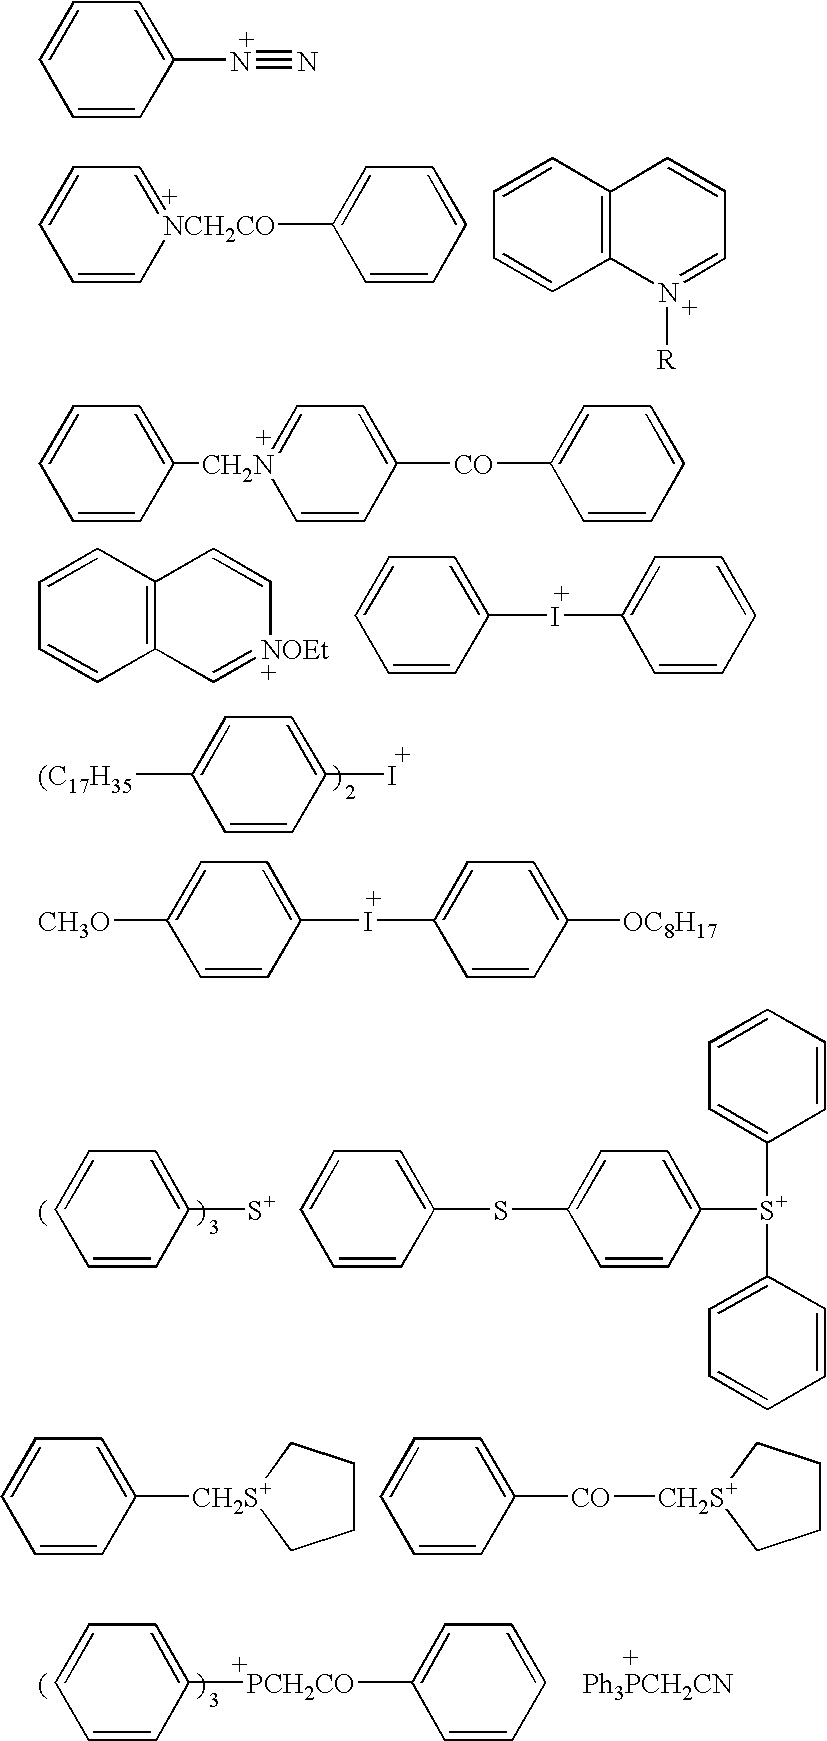 Figure US20080043081A1-20080221-C00013